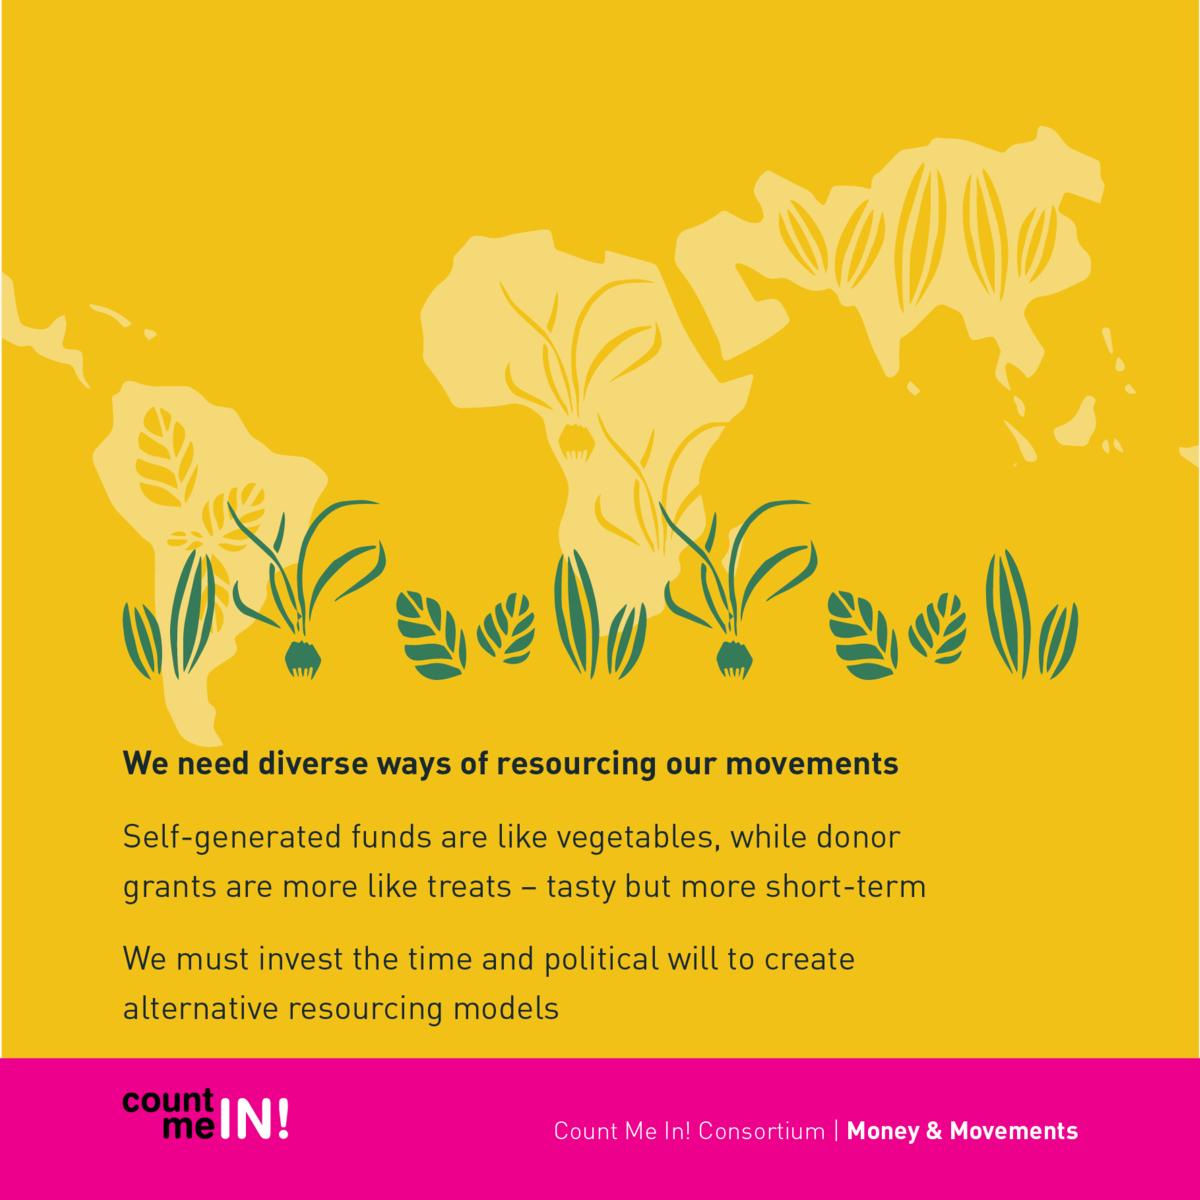 CMI graphic: Money & Movements